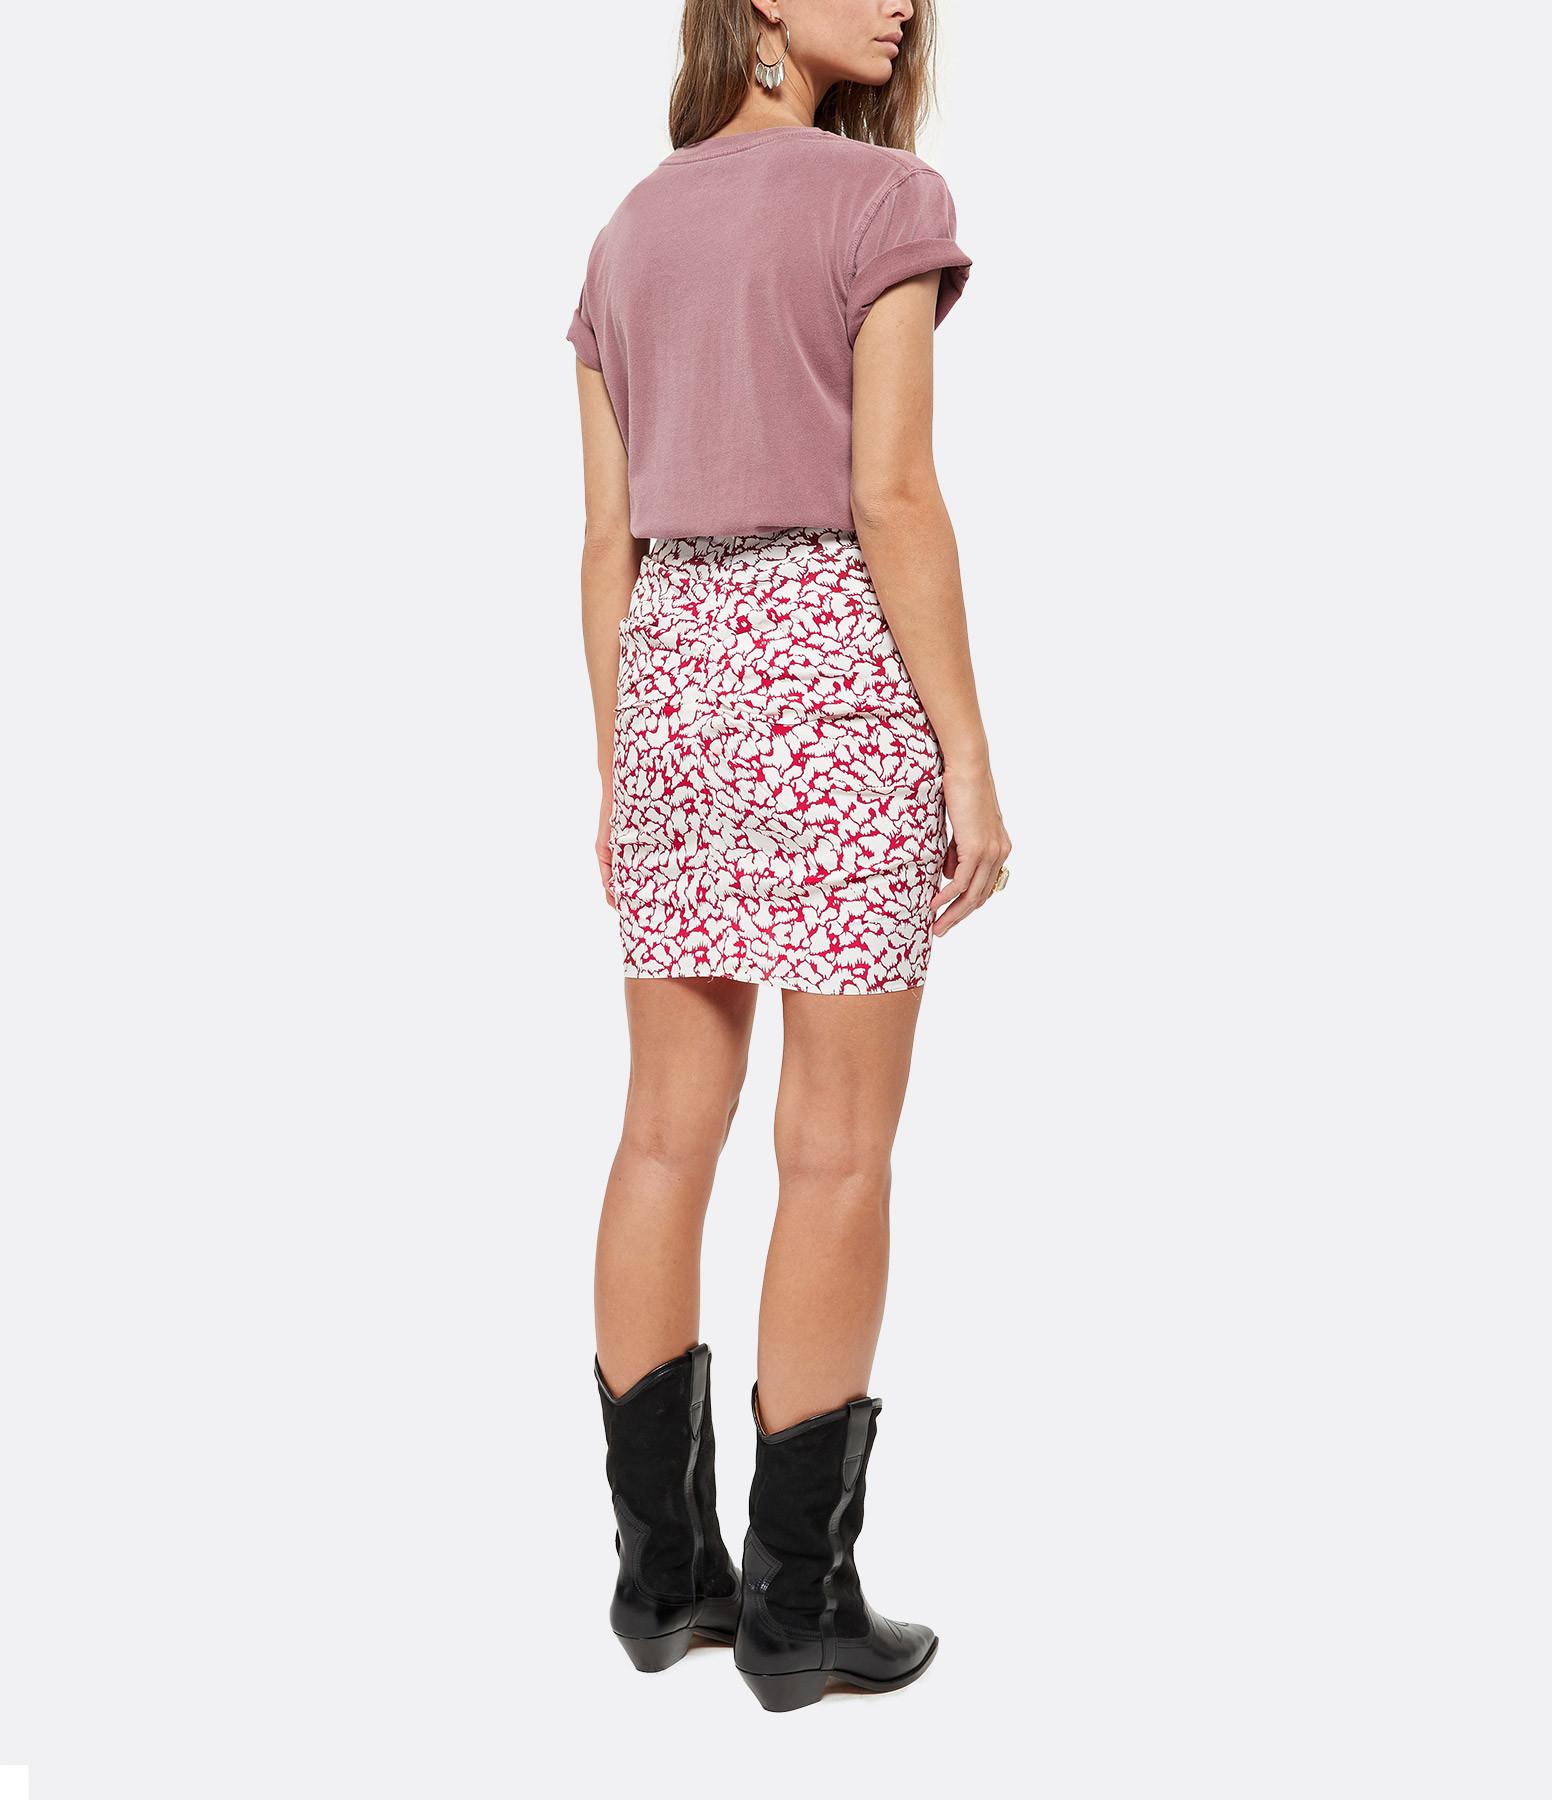 NEWTONE - Tee-shirt Phoenix Coton Brique